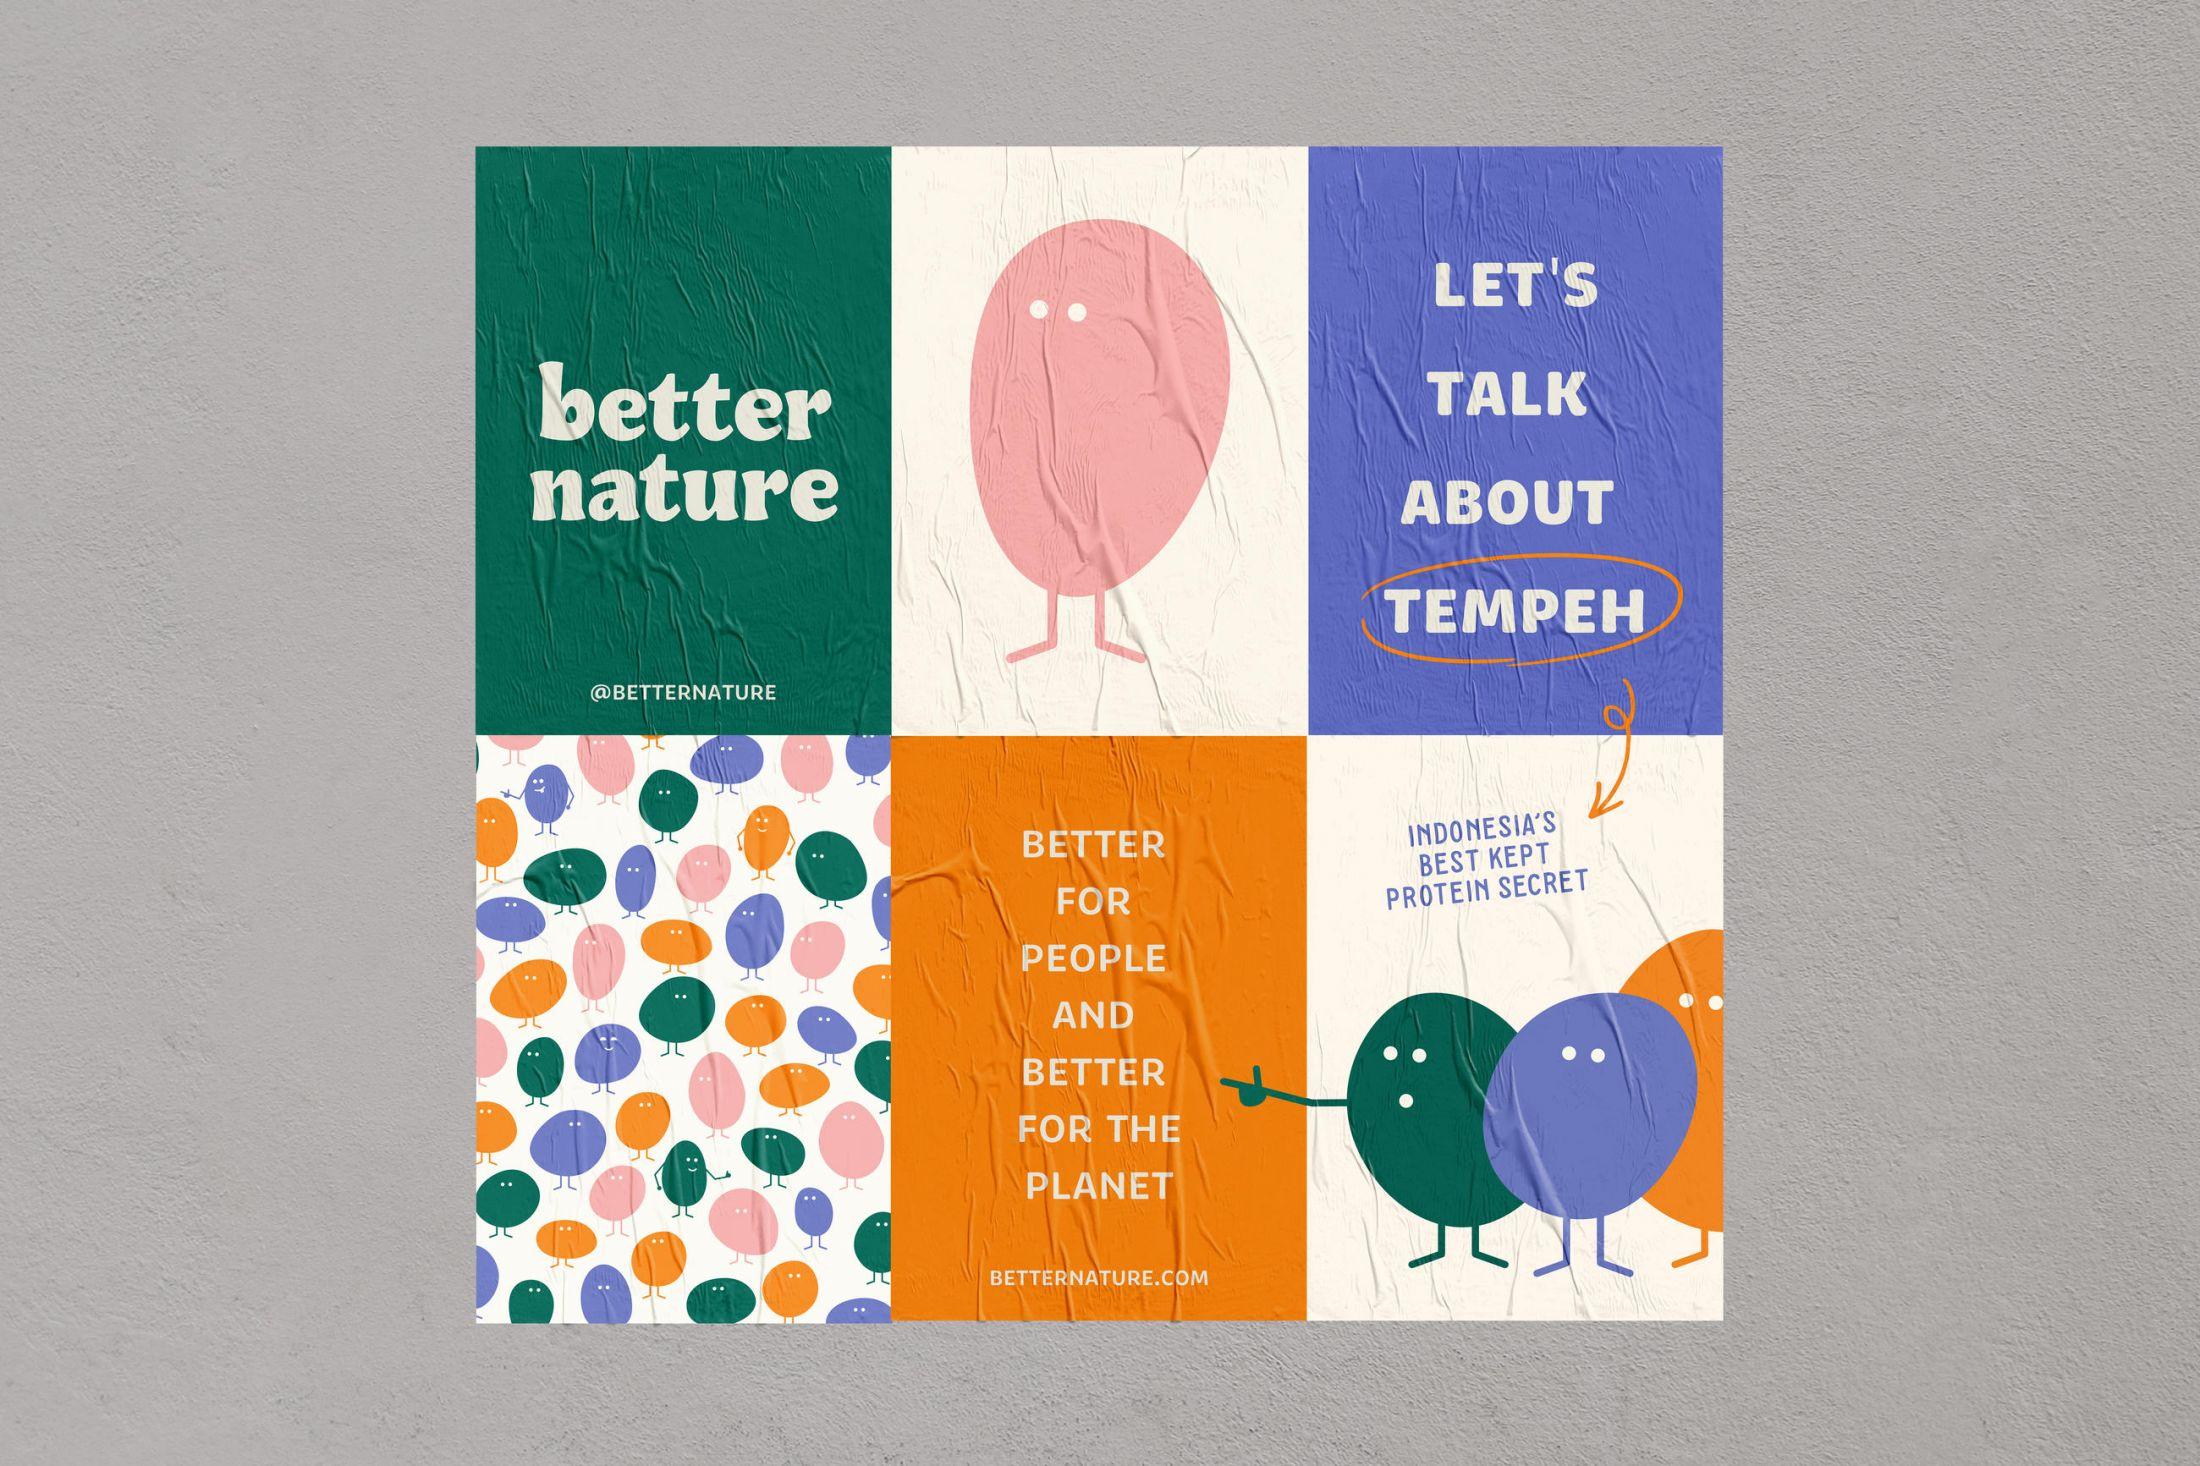 لشکر لوبیا / به تازگی سایت creativeboom کمپینی از برند Better Nature را معرفی کرده است. در این کمپین لشکری از لوبیاهای شاد و شوخ طبع در کنار هم به فعالیت میپردازند.